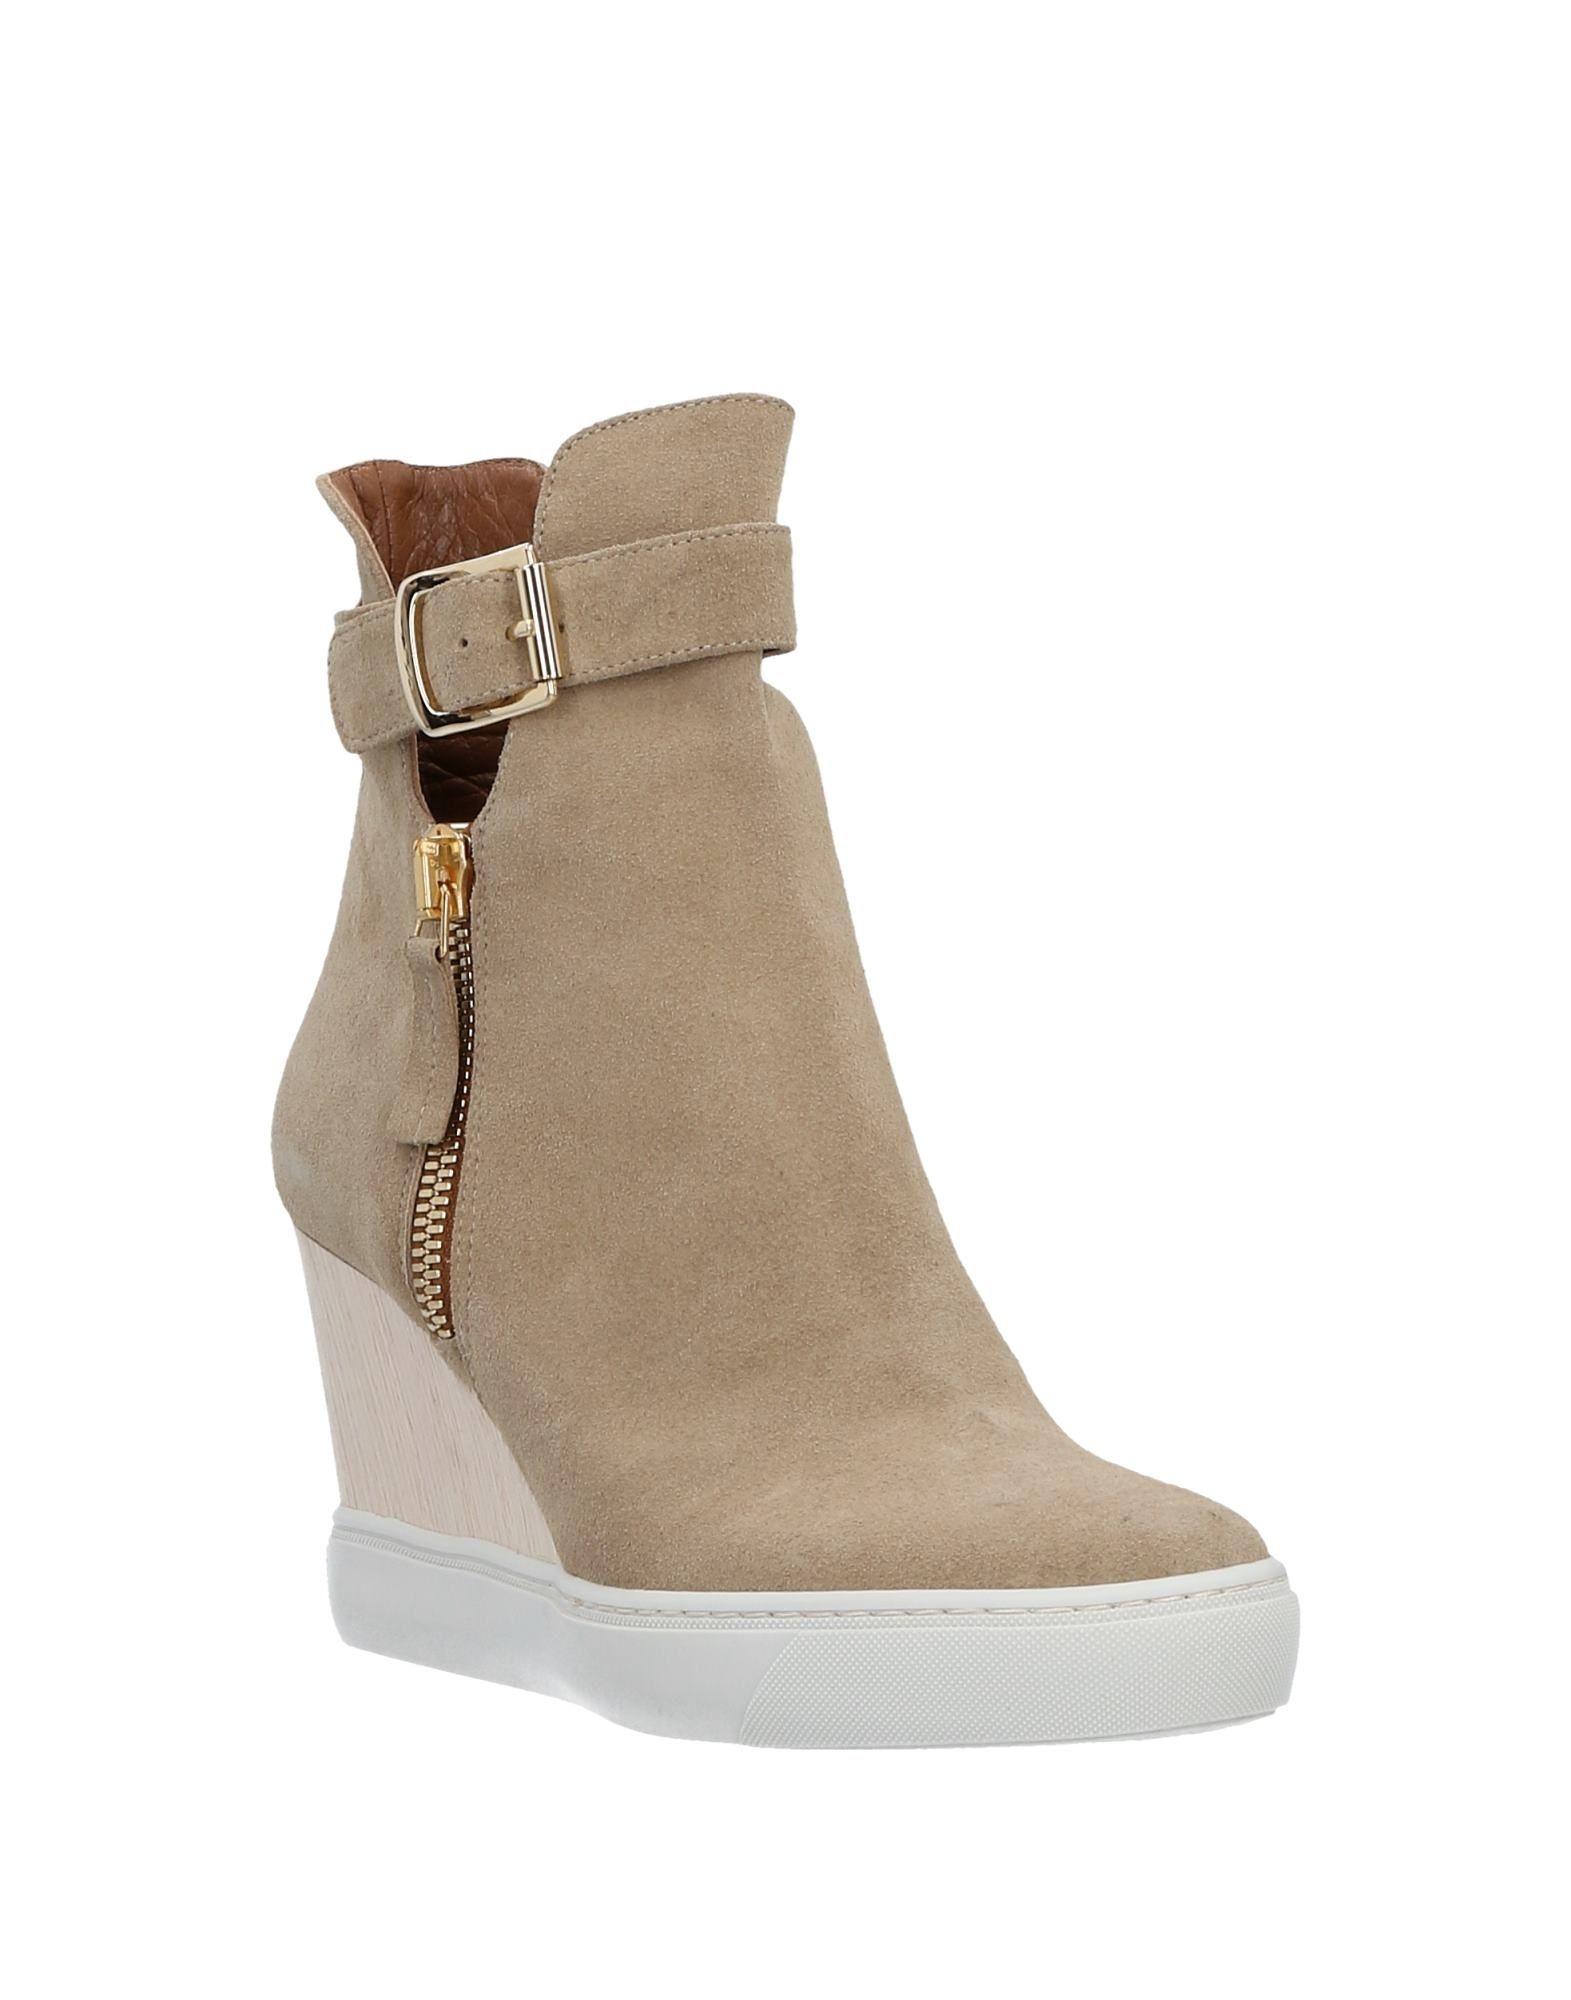 Stilvolle Bianco billige Schuhe Max Bianco Stilvolle Stiefelette Damen  11520254JF 10dacf